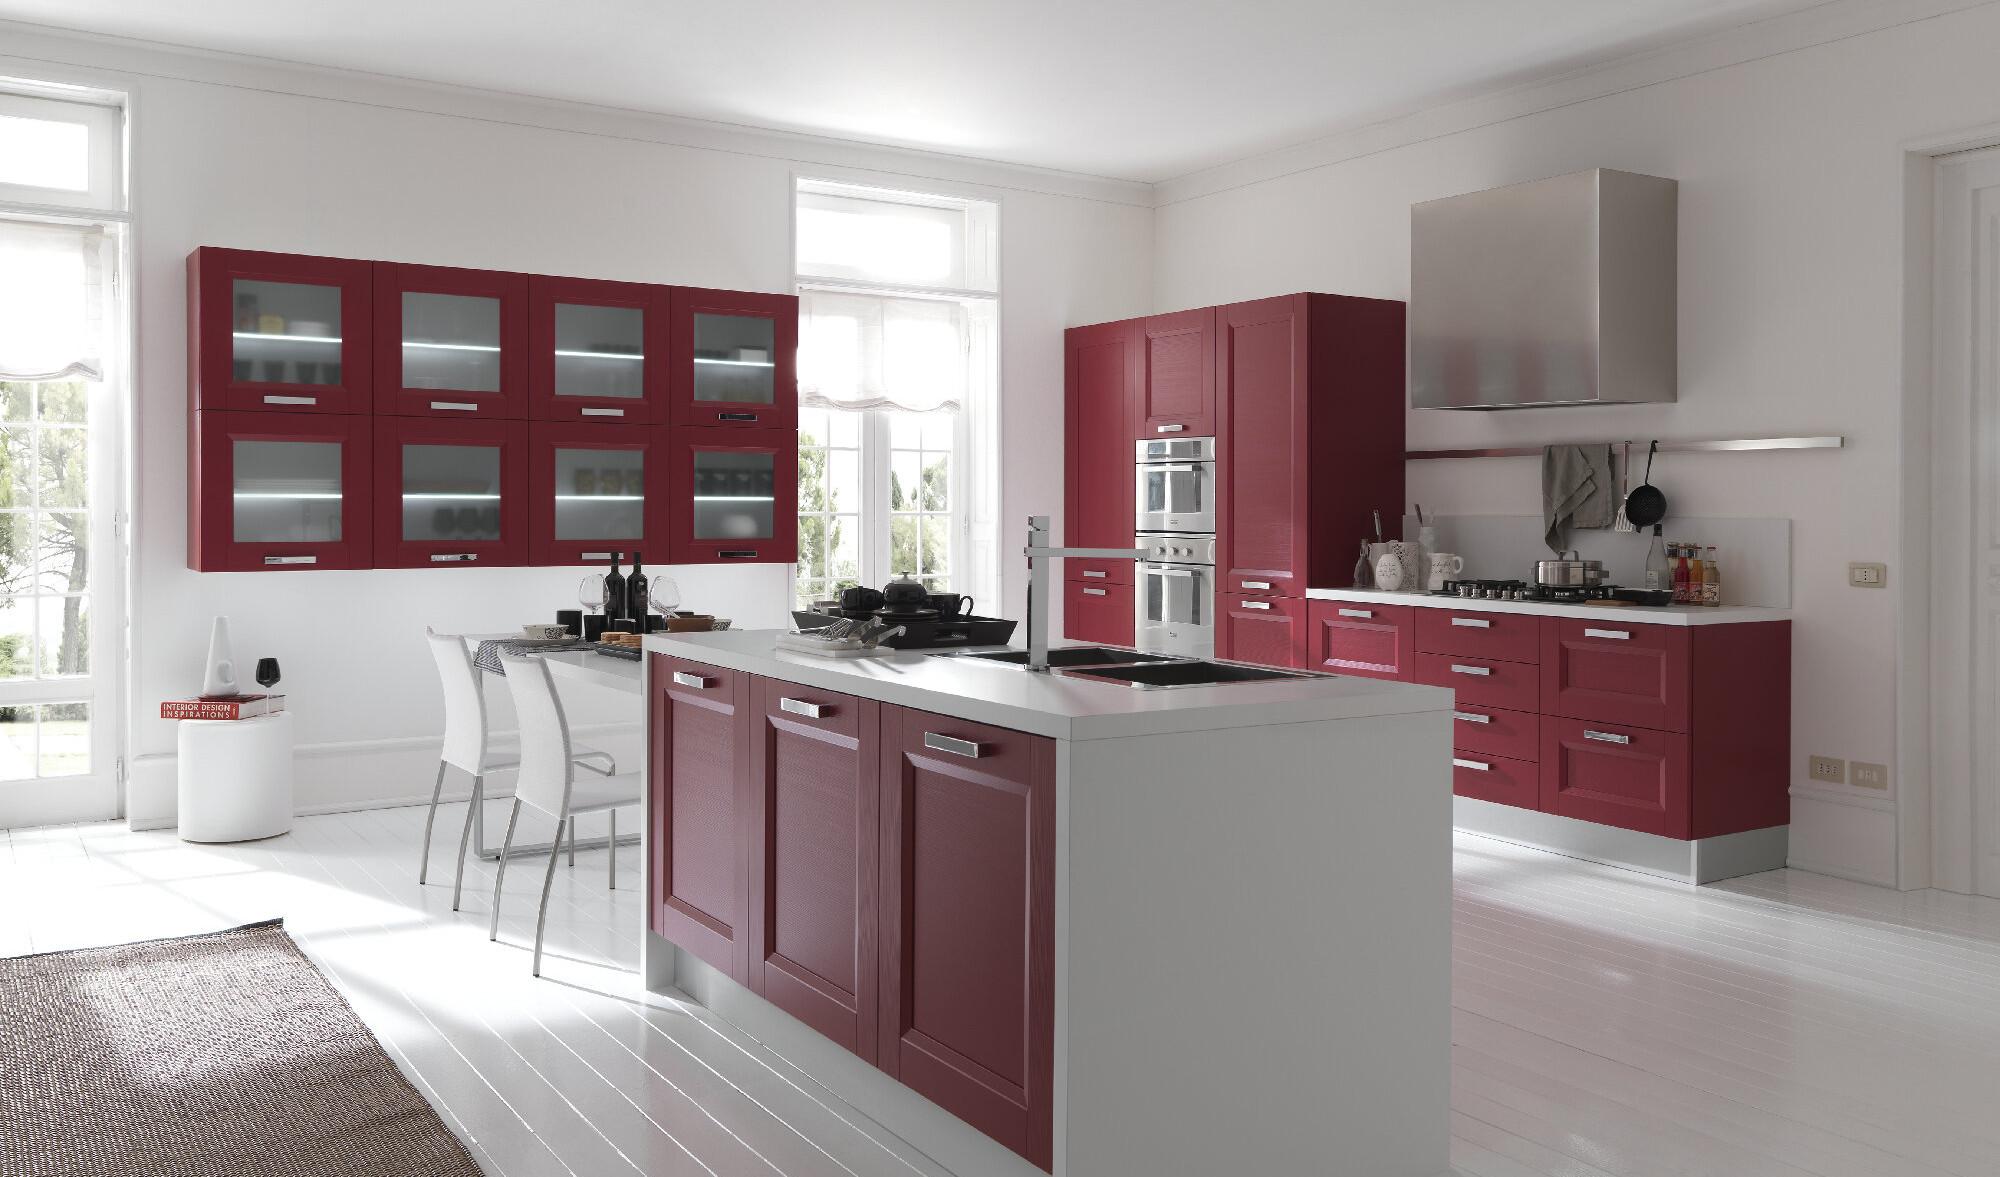 Cucina in rosso passione contemporanea arredo casa roma - Febal cucine prezzi ...